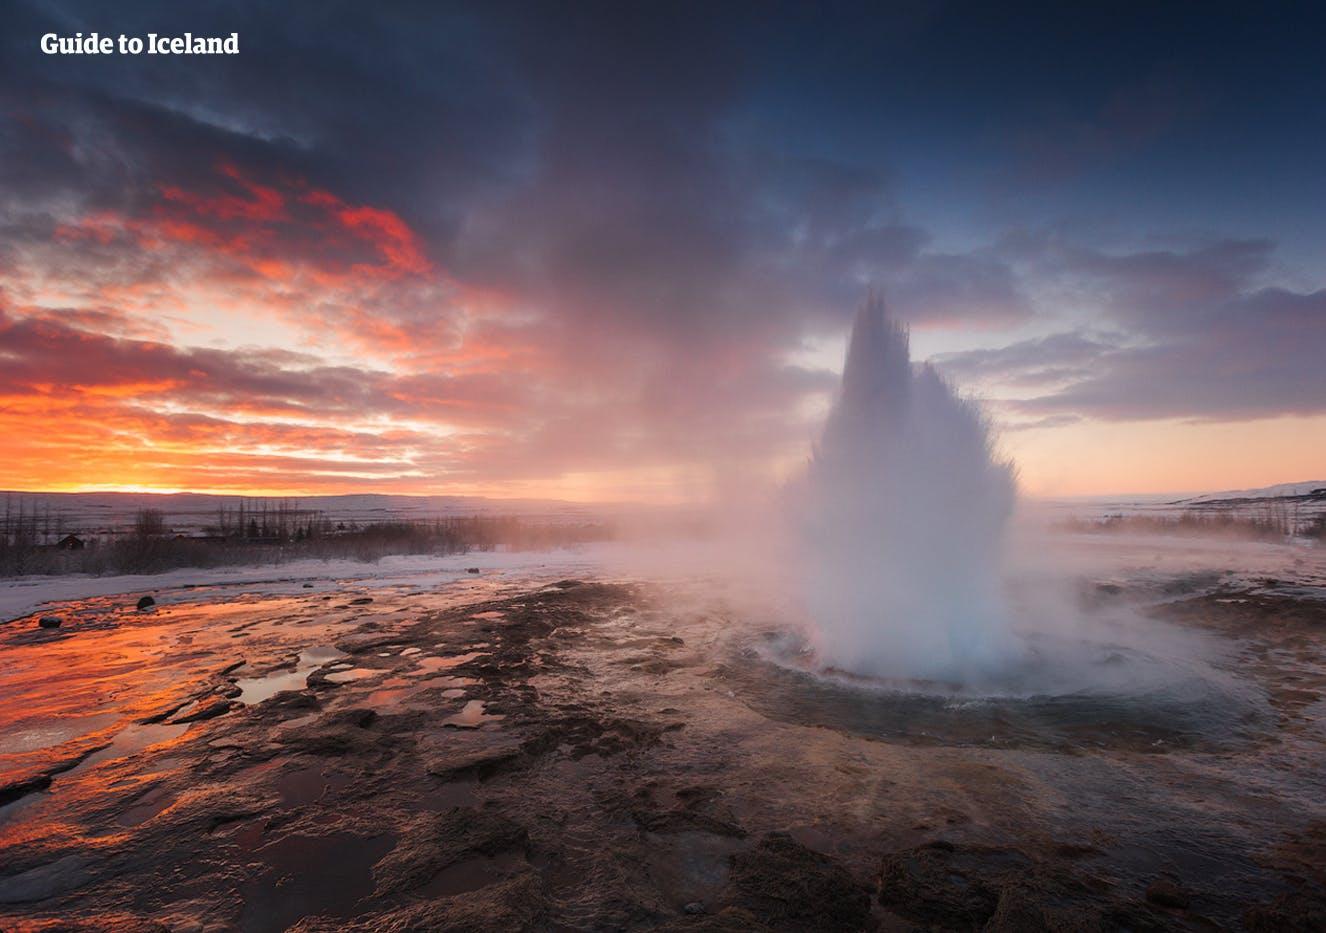 黄金圈路线沿途的Haukadalur是冰岛著名间歇泉Geysir和Strokkur的所在地。